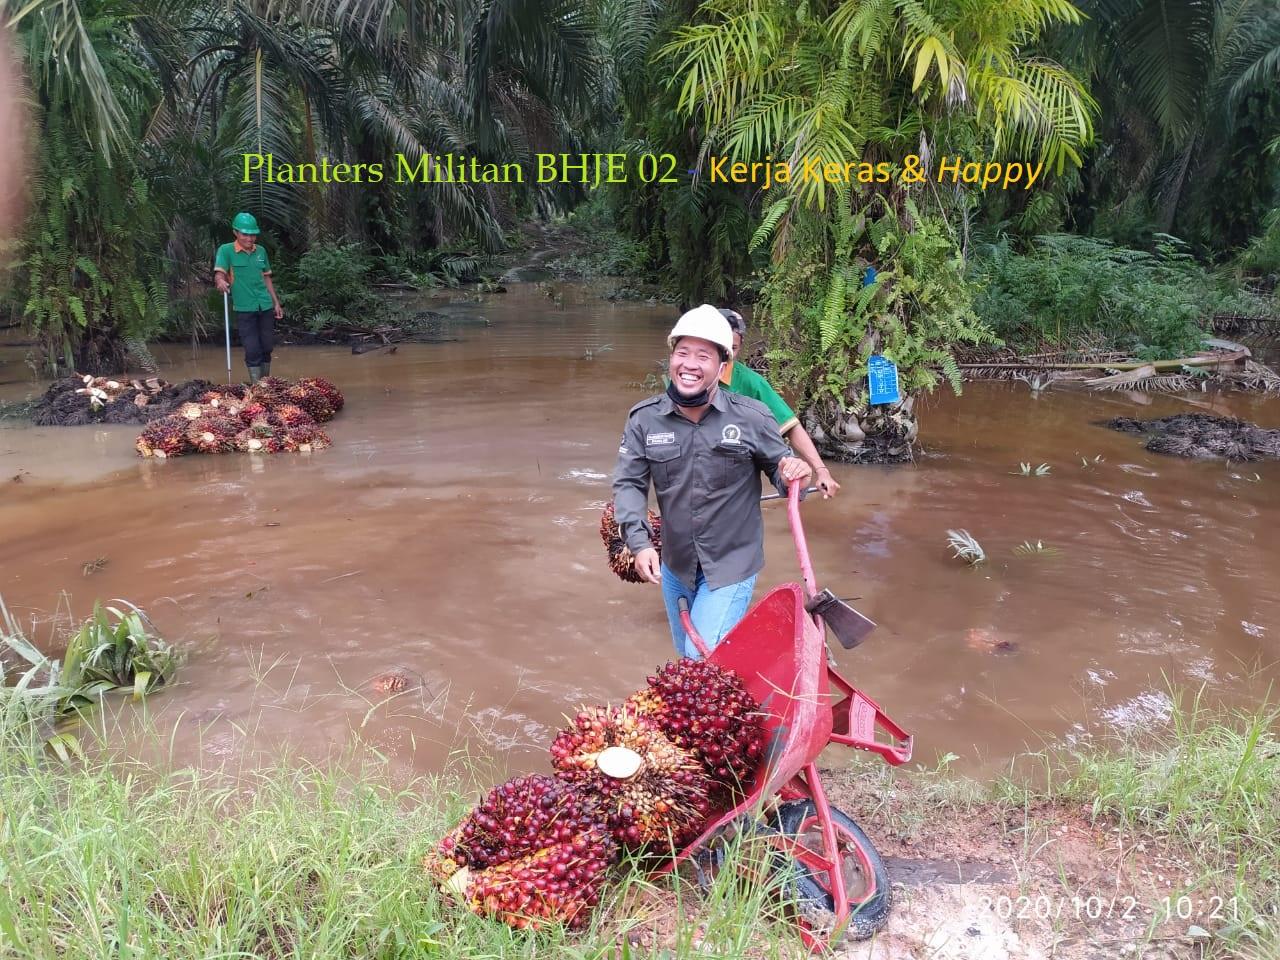 Planters Militan - Kerja Keras dan Happy, Bapak Hasan Basri Asisten BHJE 02